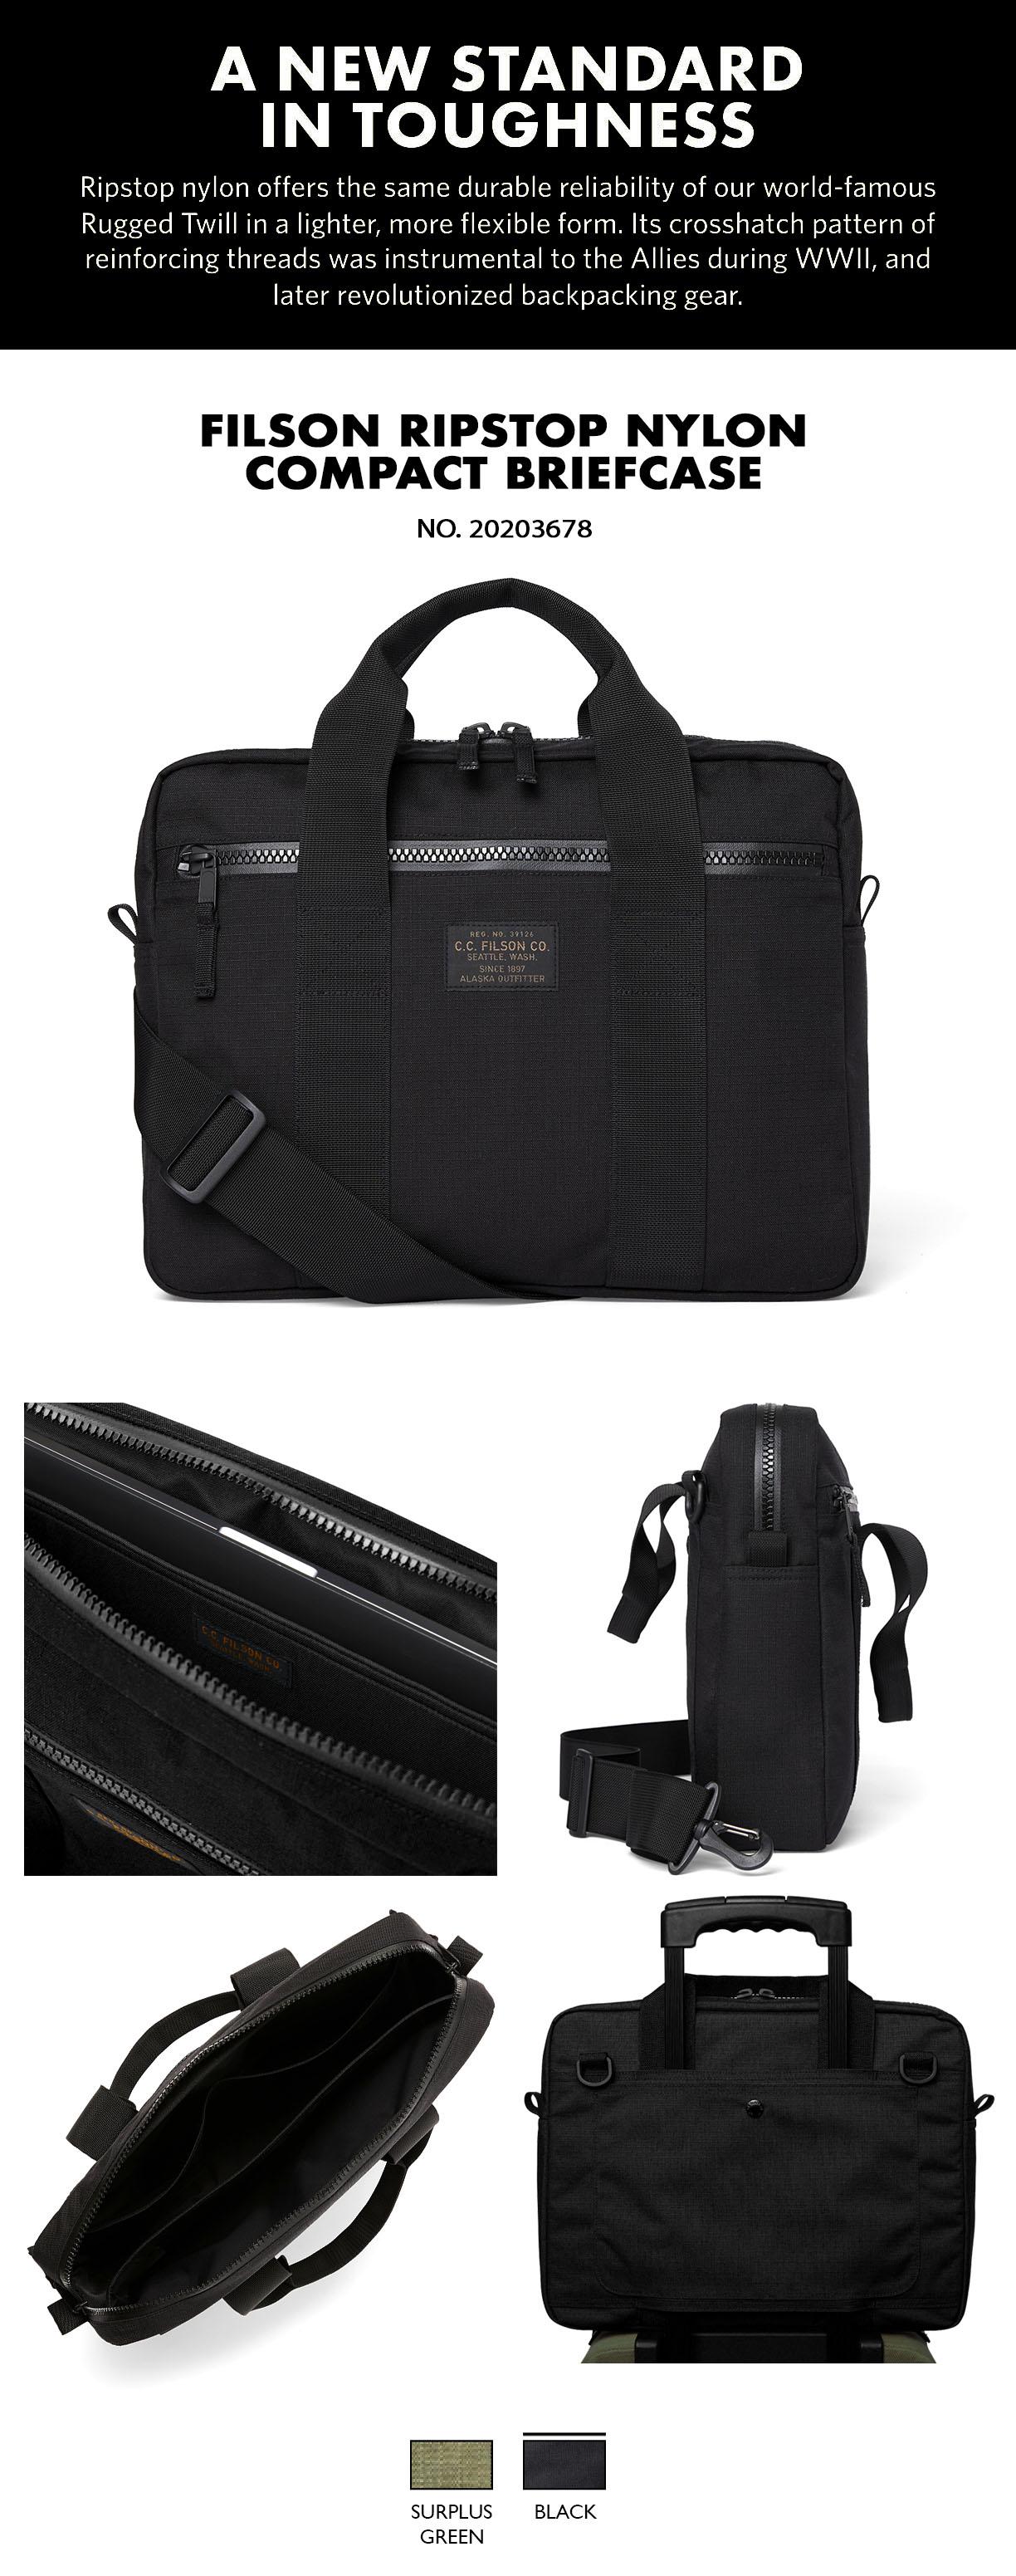 Filson Ripstop Nylon Compact Briefcase Black Product-information, verfügt über ein gepolstertes Fach für einen 15-Zoll-Laptop